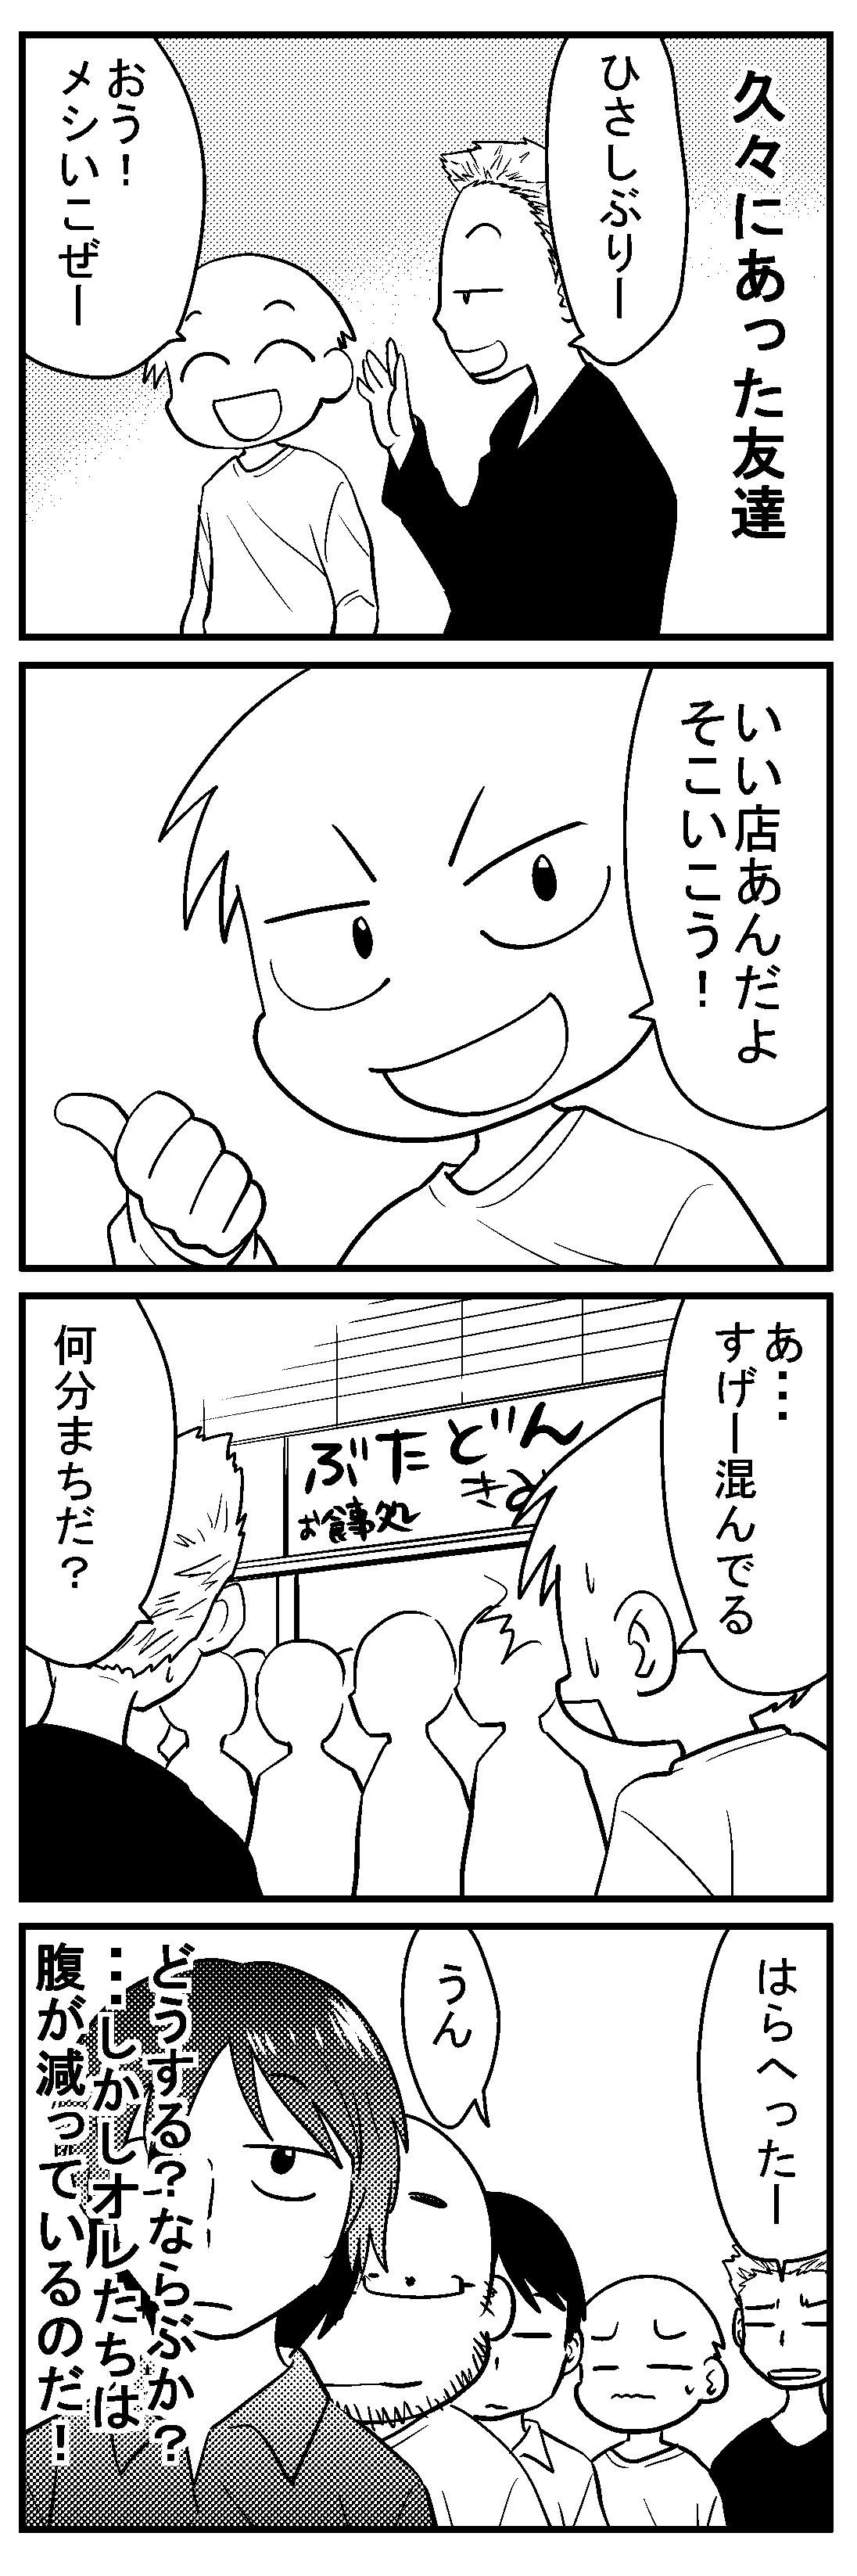 深読みくん30 1